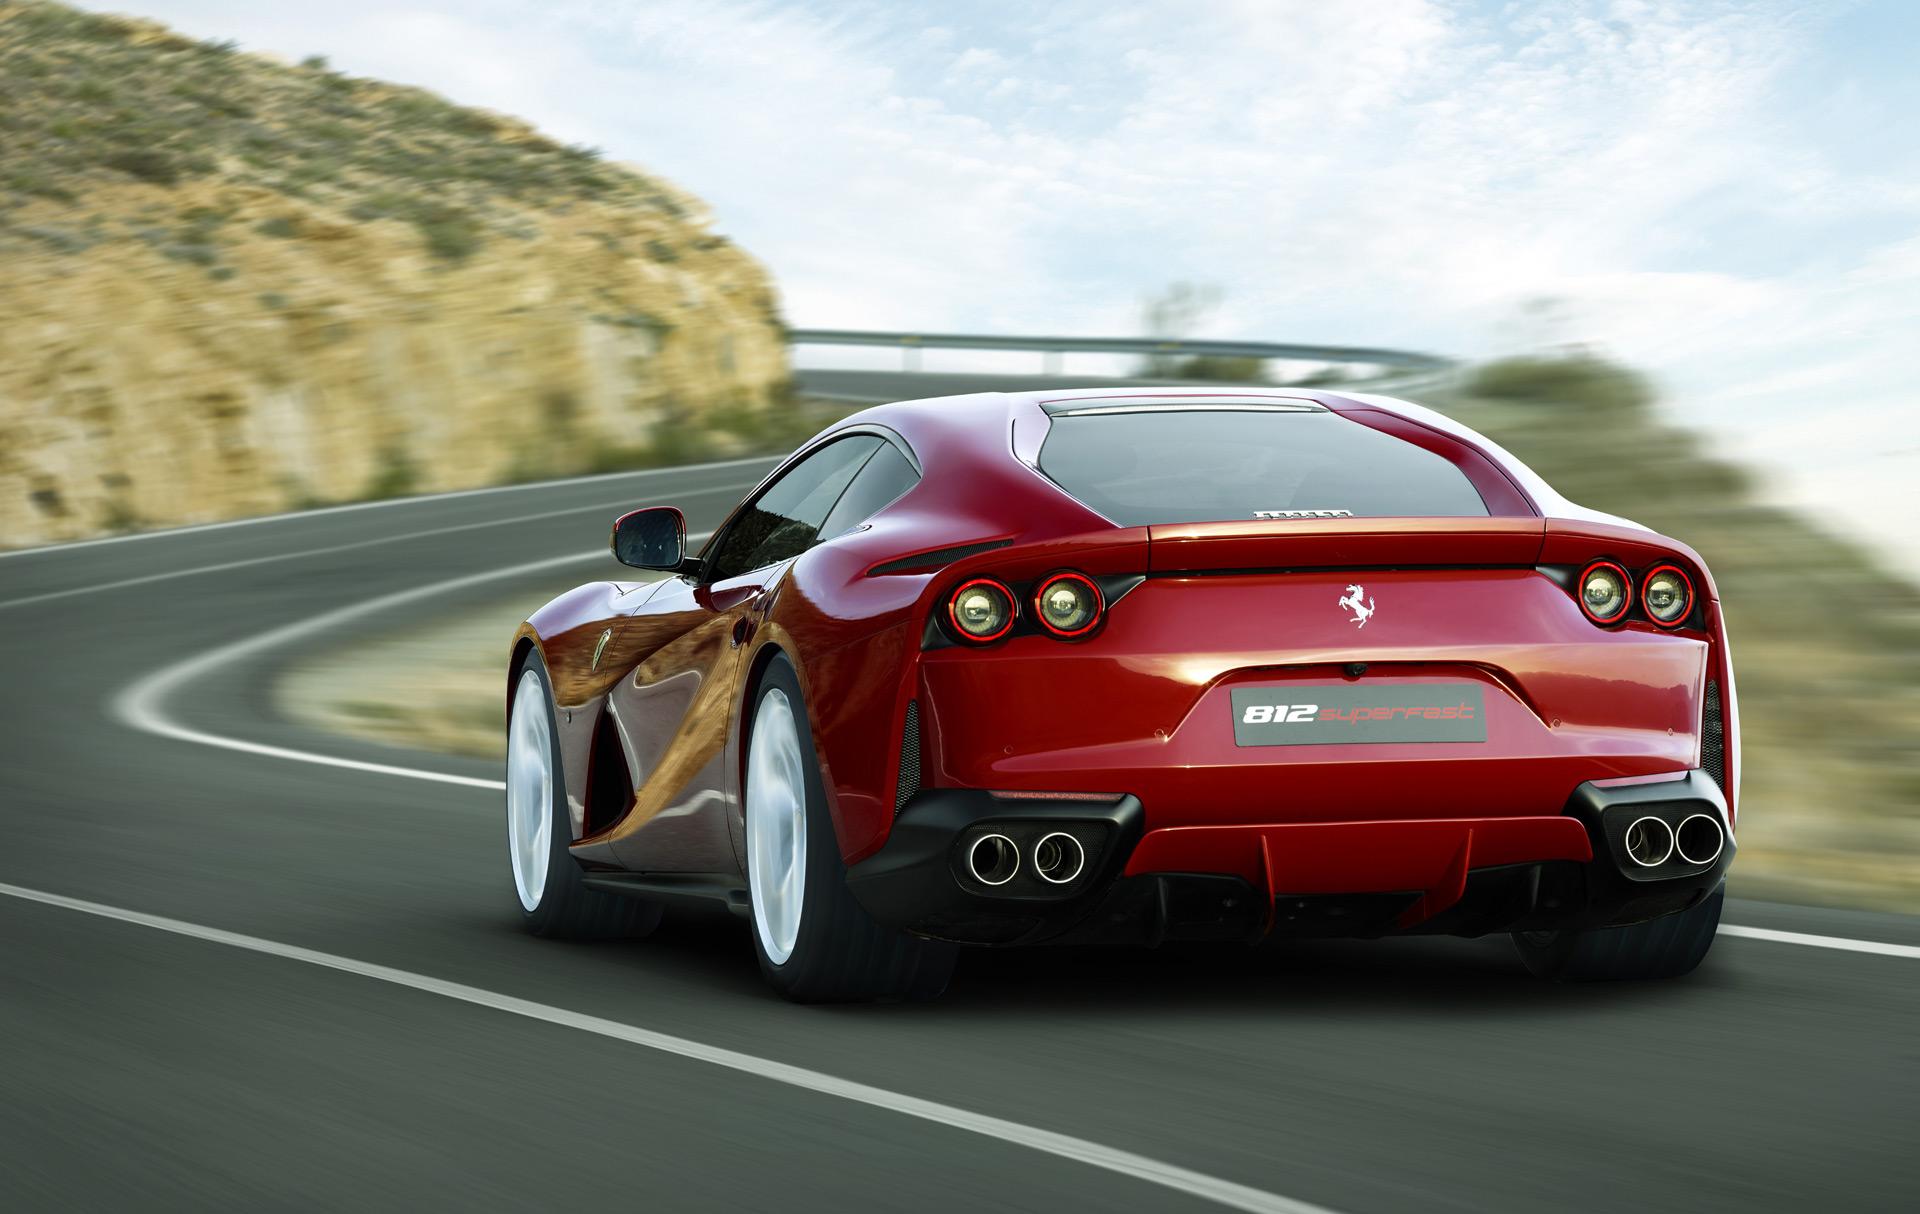 Ferrari 812 Superfast, McLaren F1 successor, TRD-enhanced ...